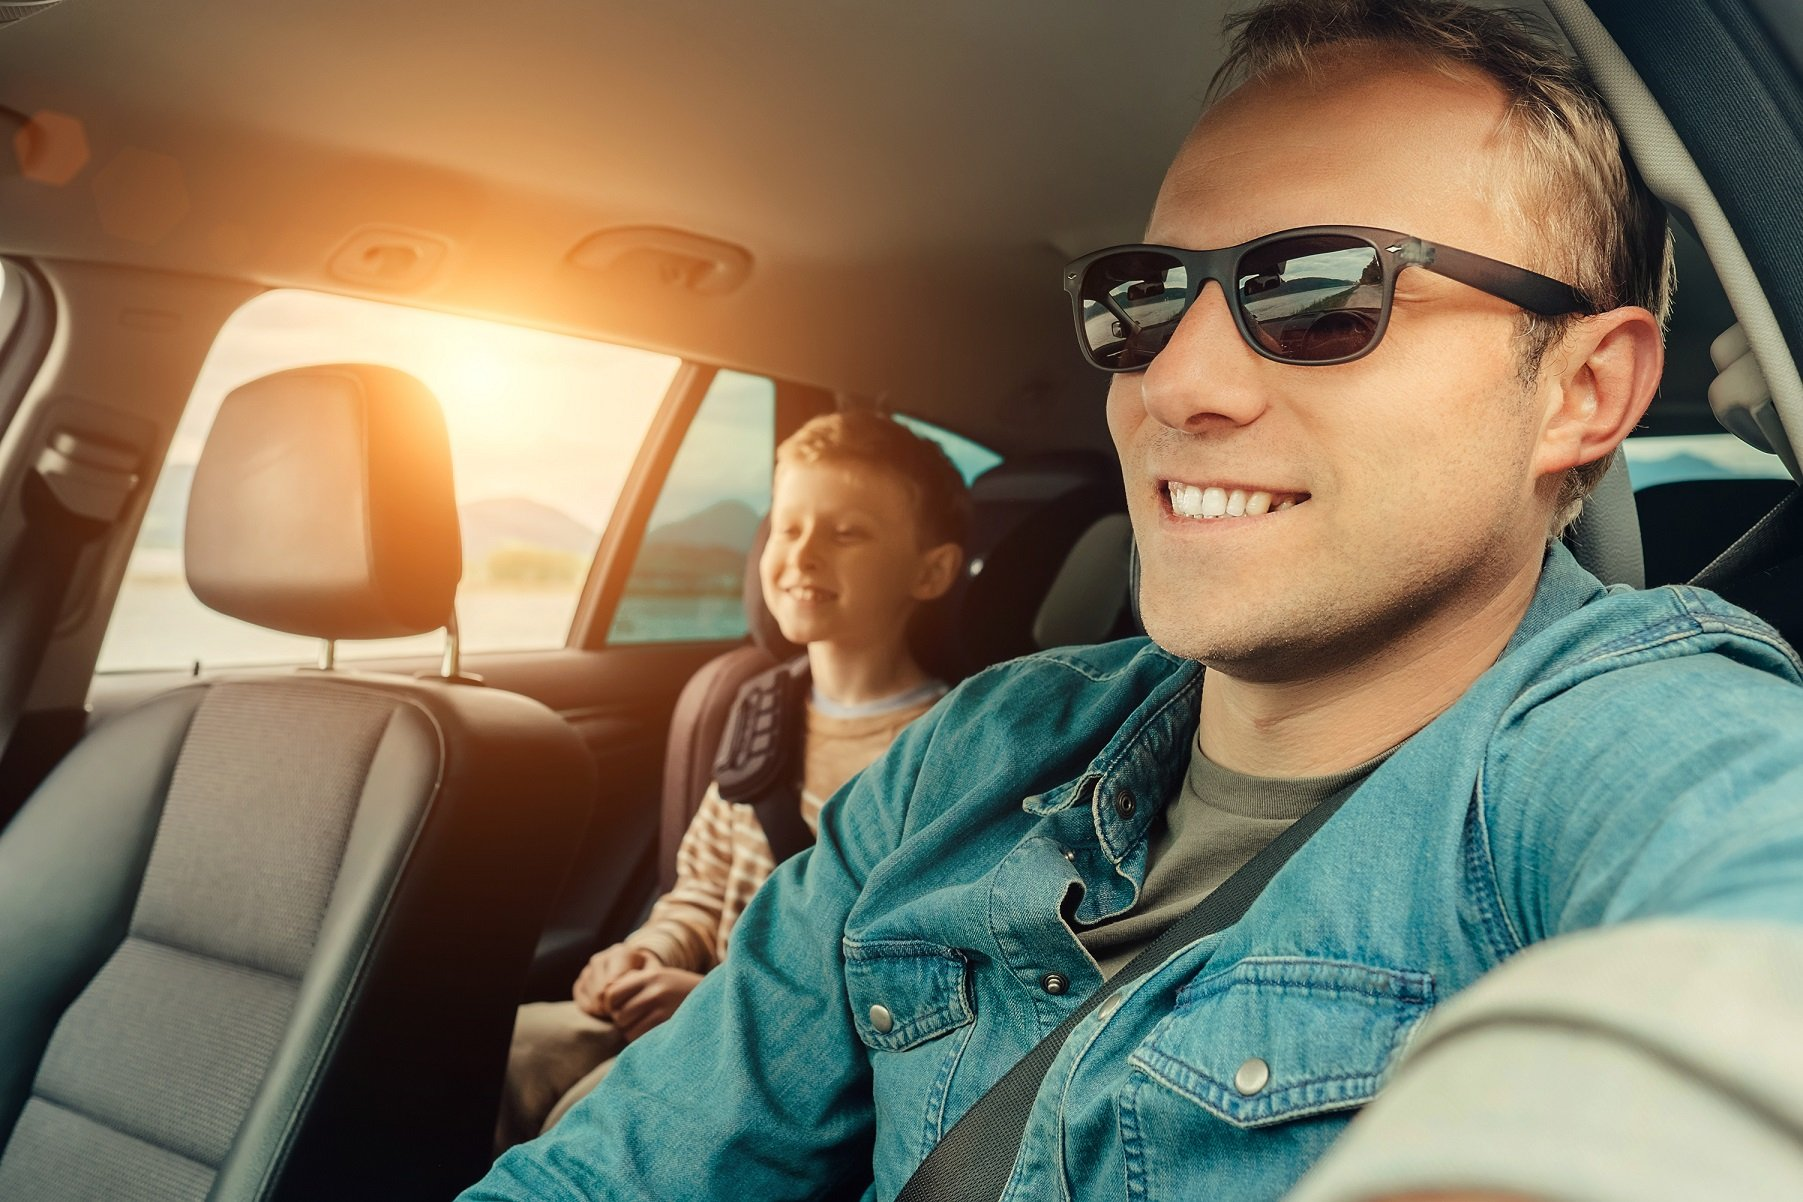 pai dirigindo carro com filho sentado em cadeirinha no banco traseiro